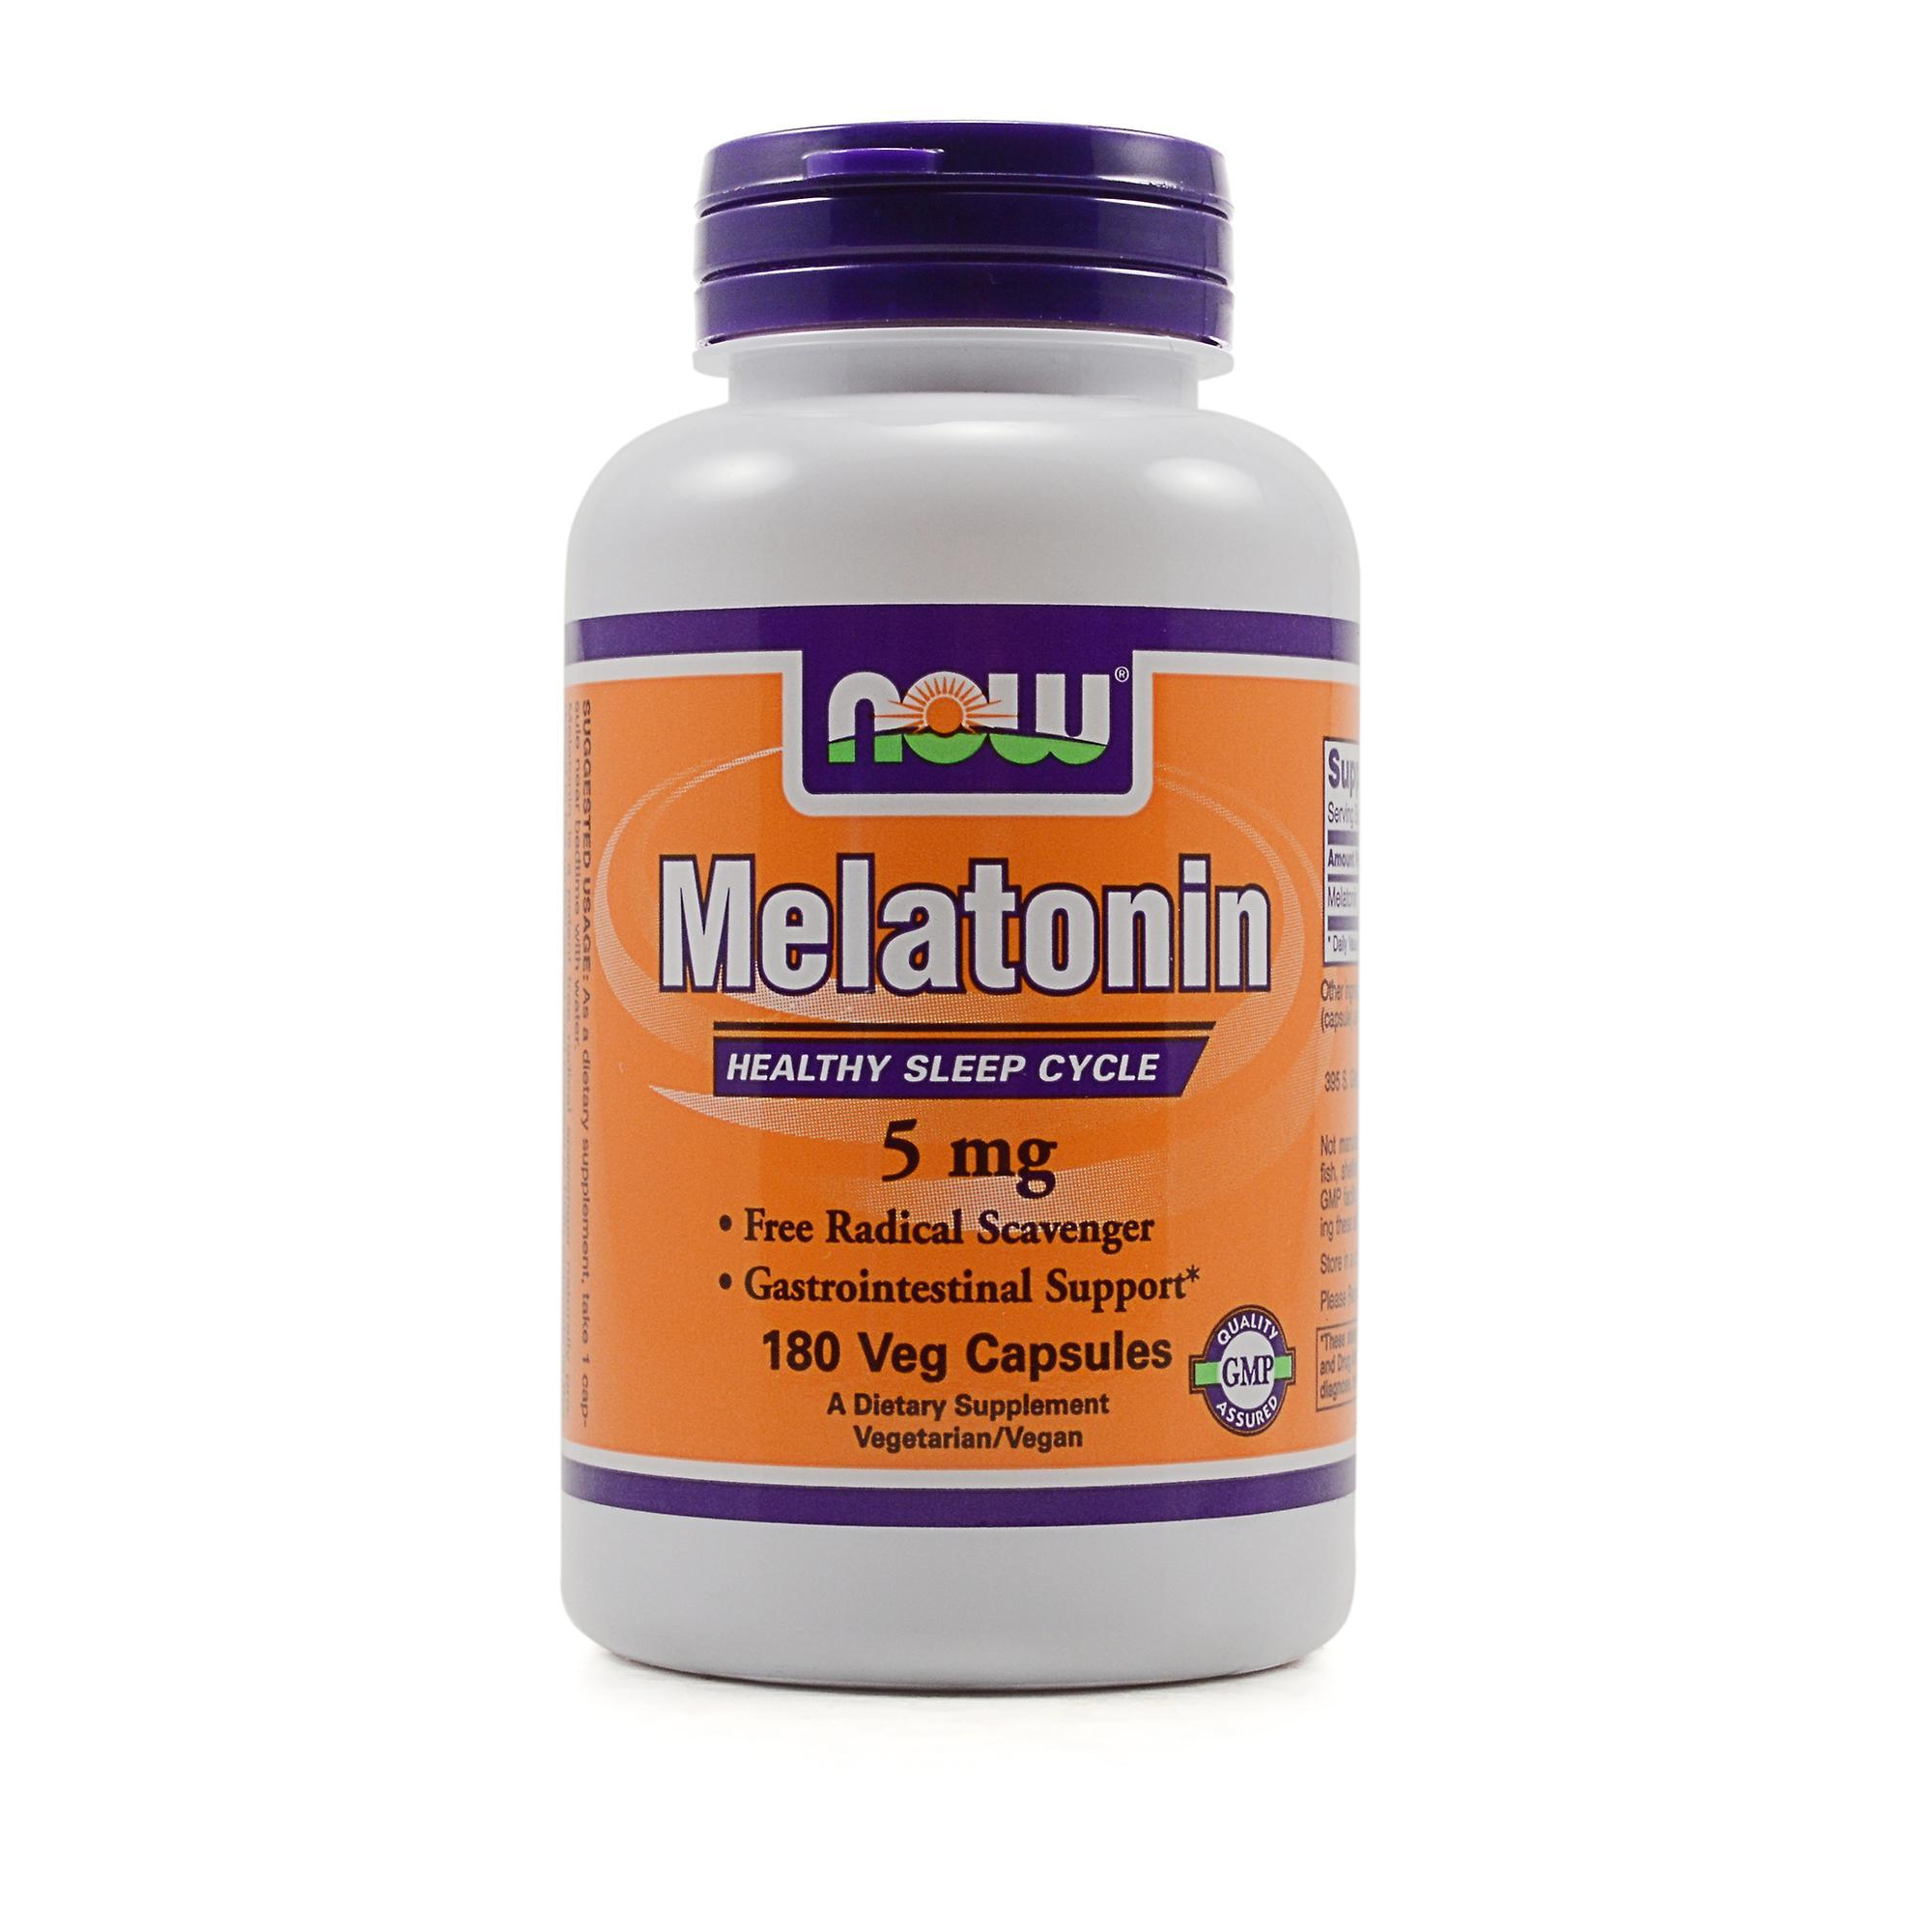 NOW Foods High Potency Melatonin Review - LabDoor